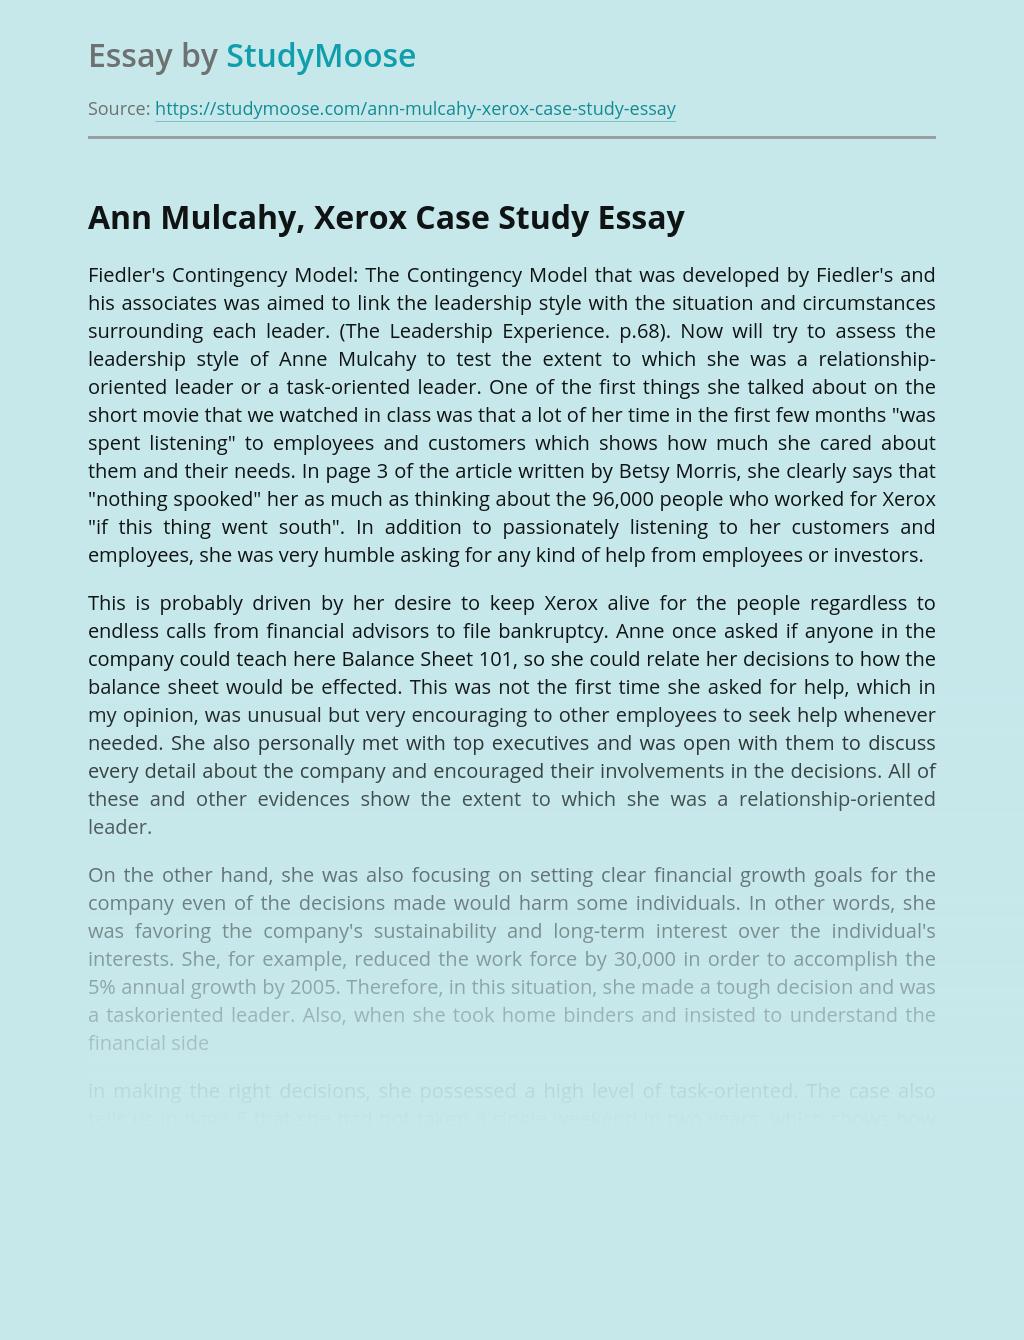 Ann Mulcahy, Xerox Case Study